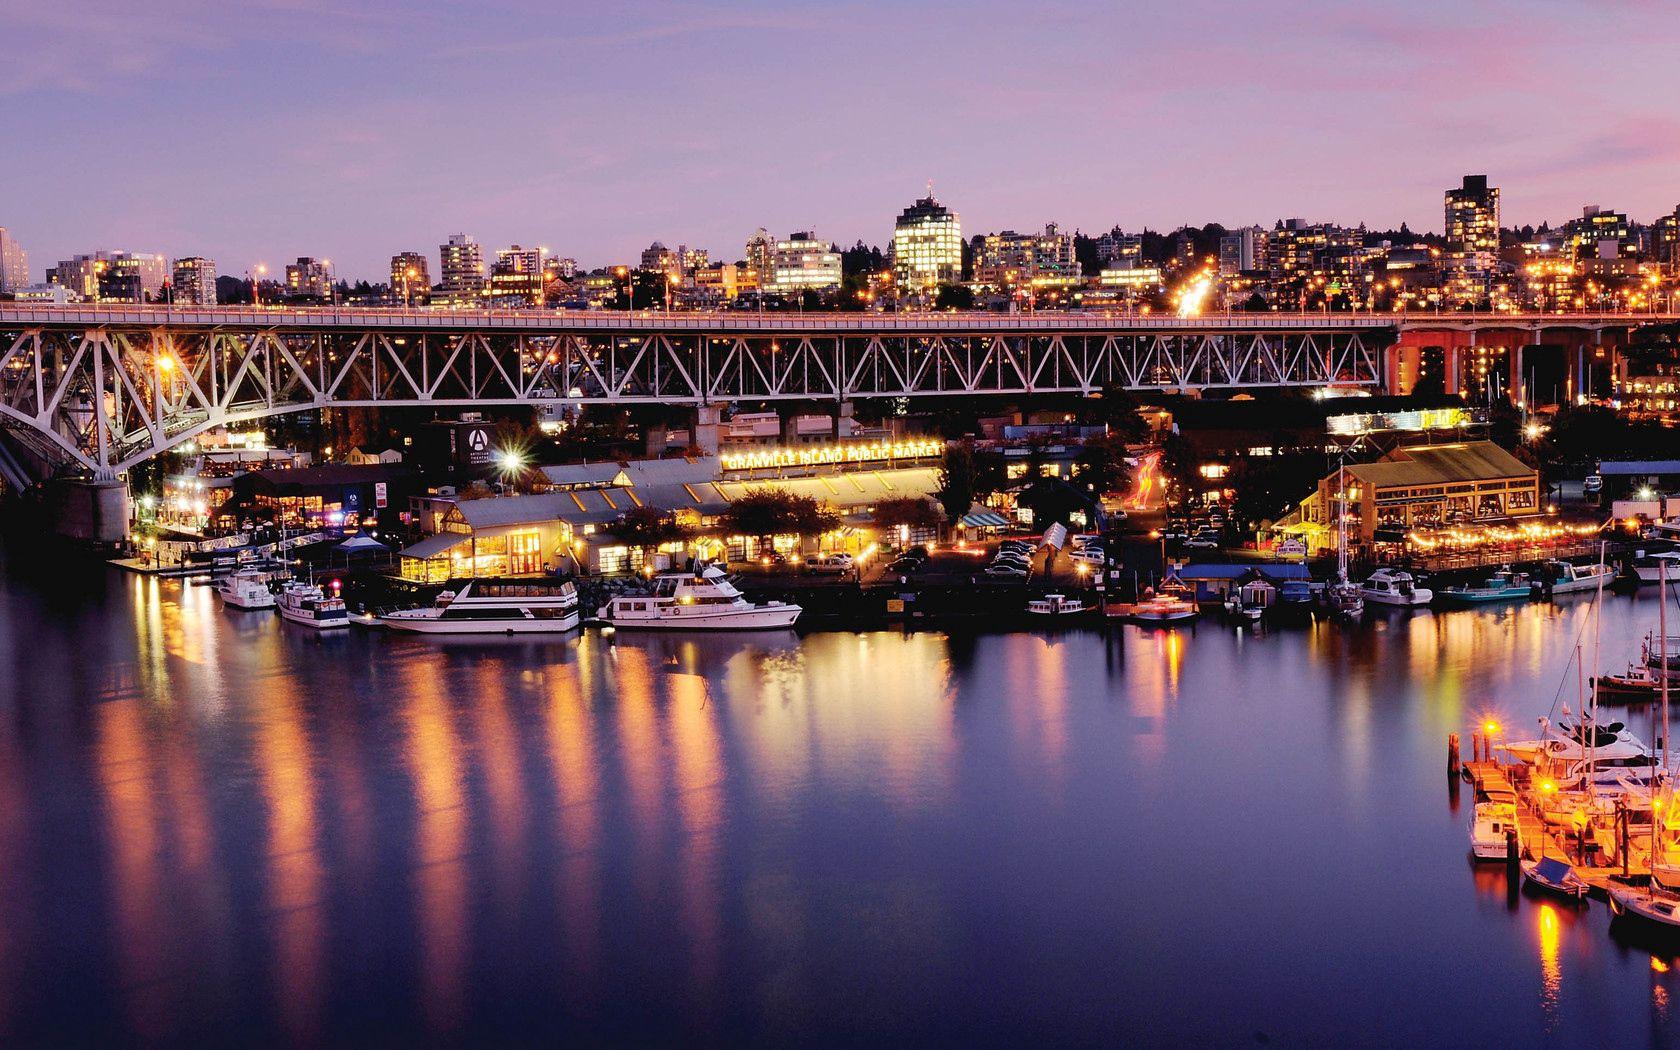 82993 Заставки и Обои Яхты на телефон. Скачать Канада, Ванкувер, Город, Мост, Пирс, Города, Яхты картинки бесплатно